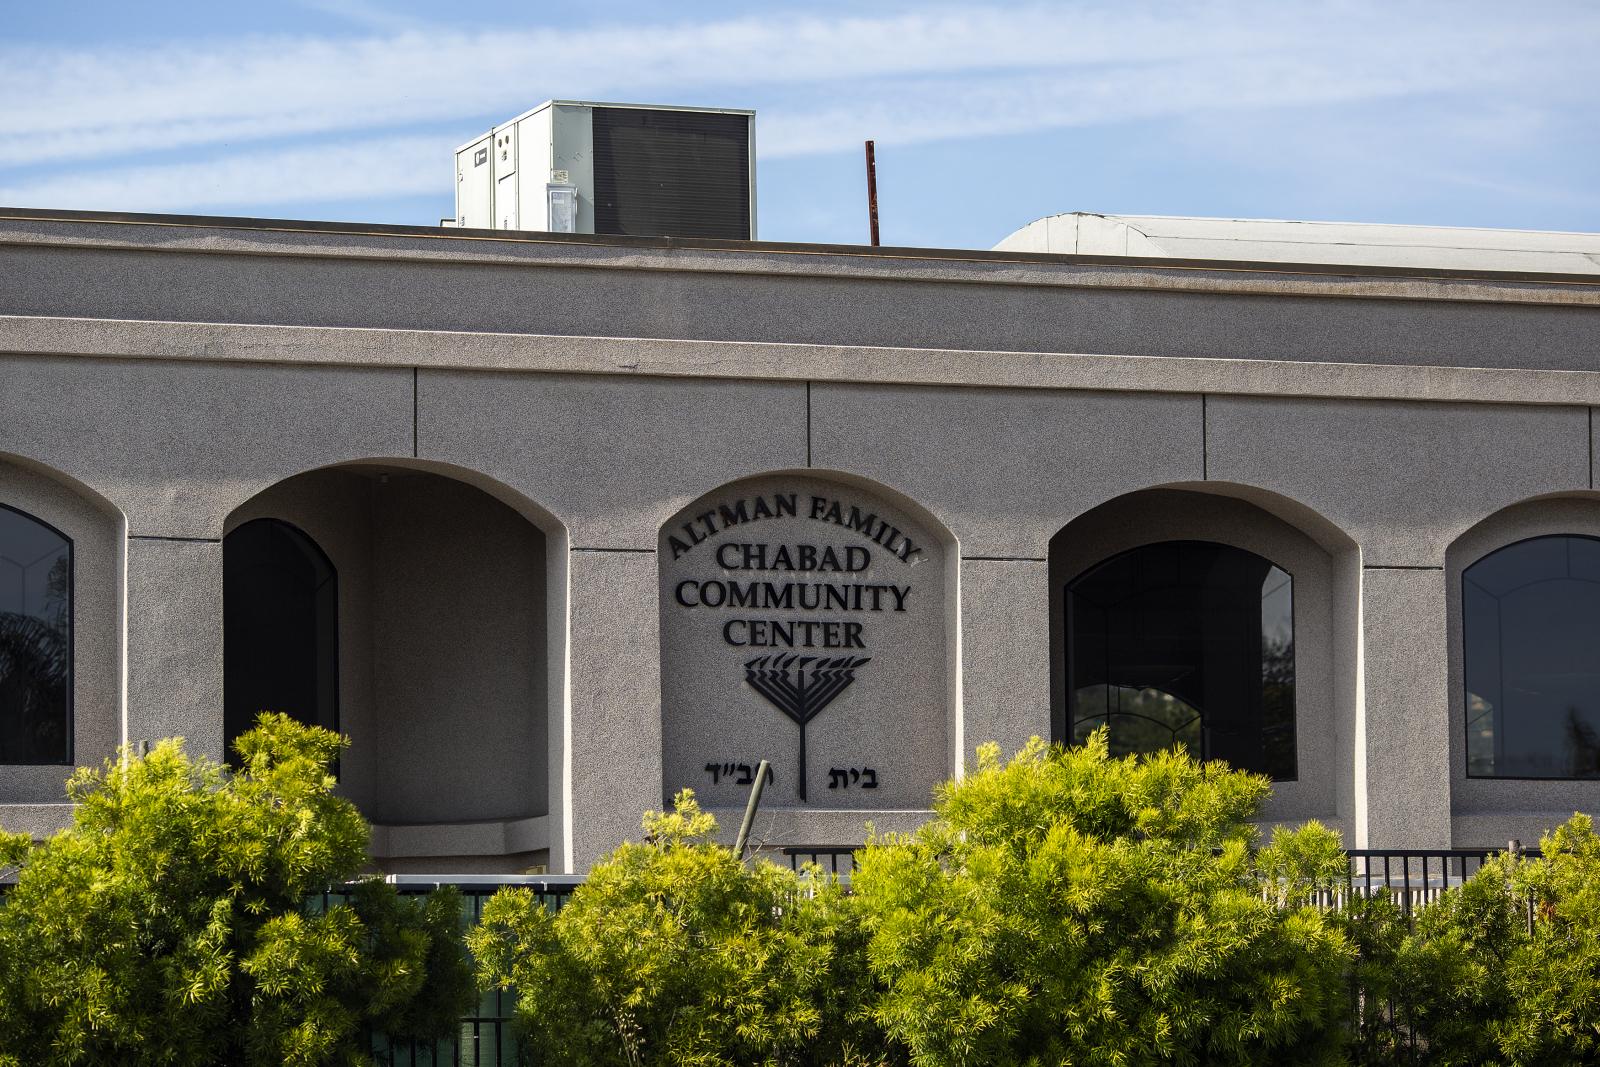 Congregation Chabad Synagogue Poway California